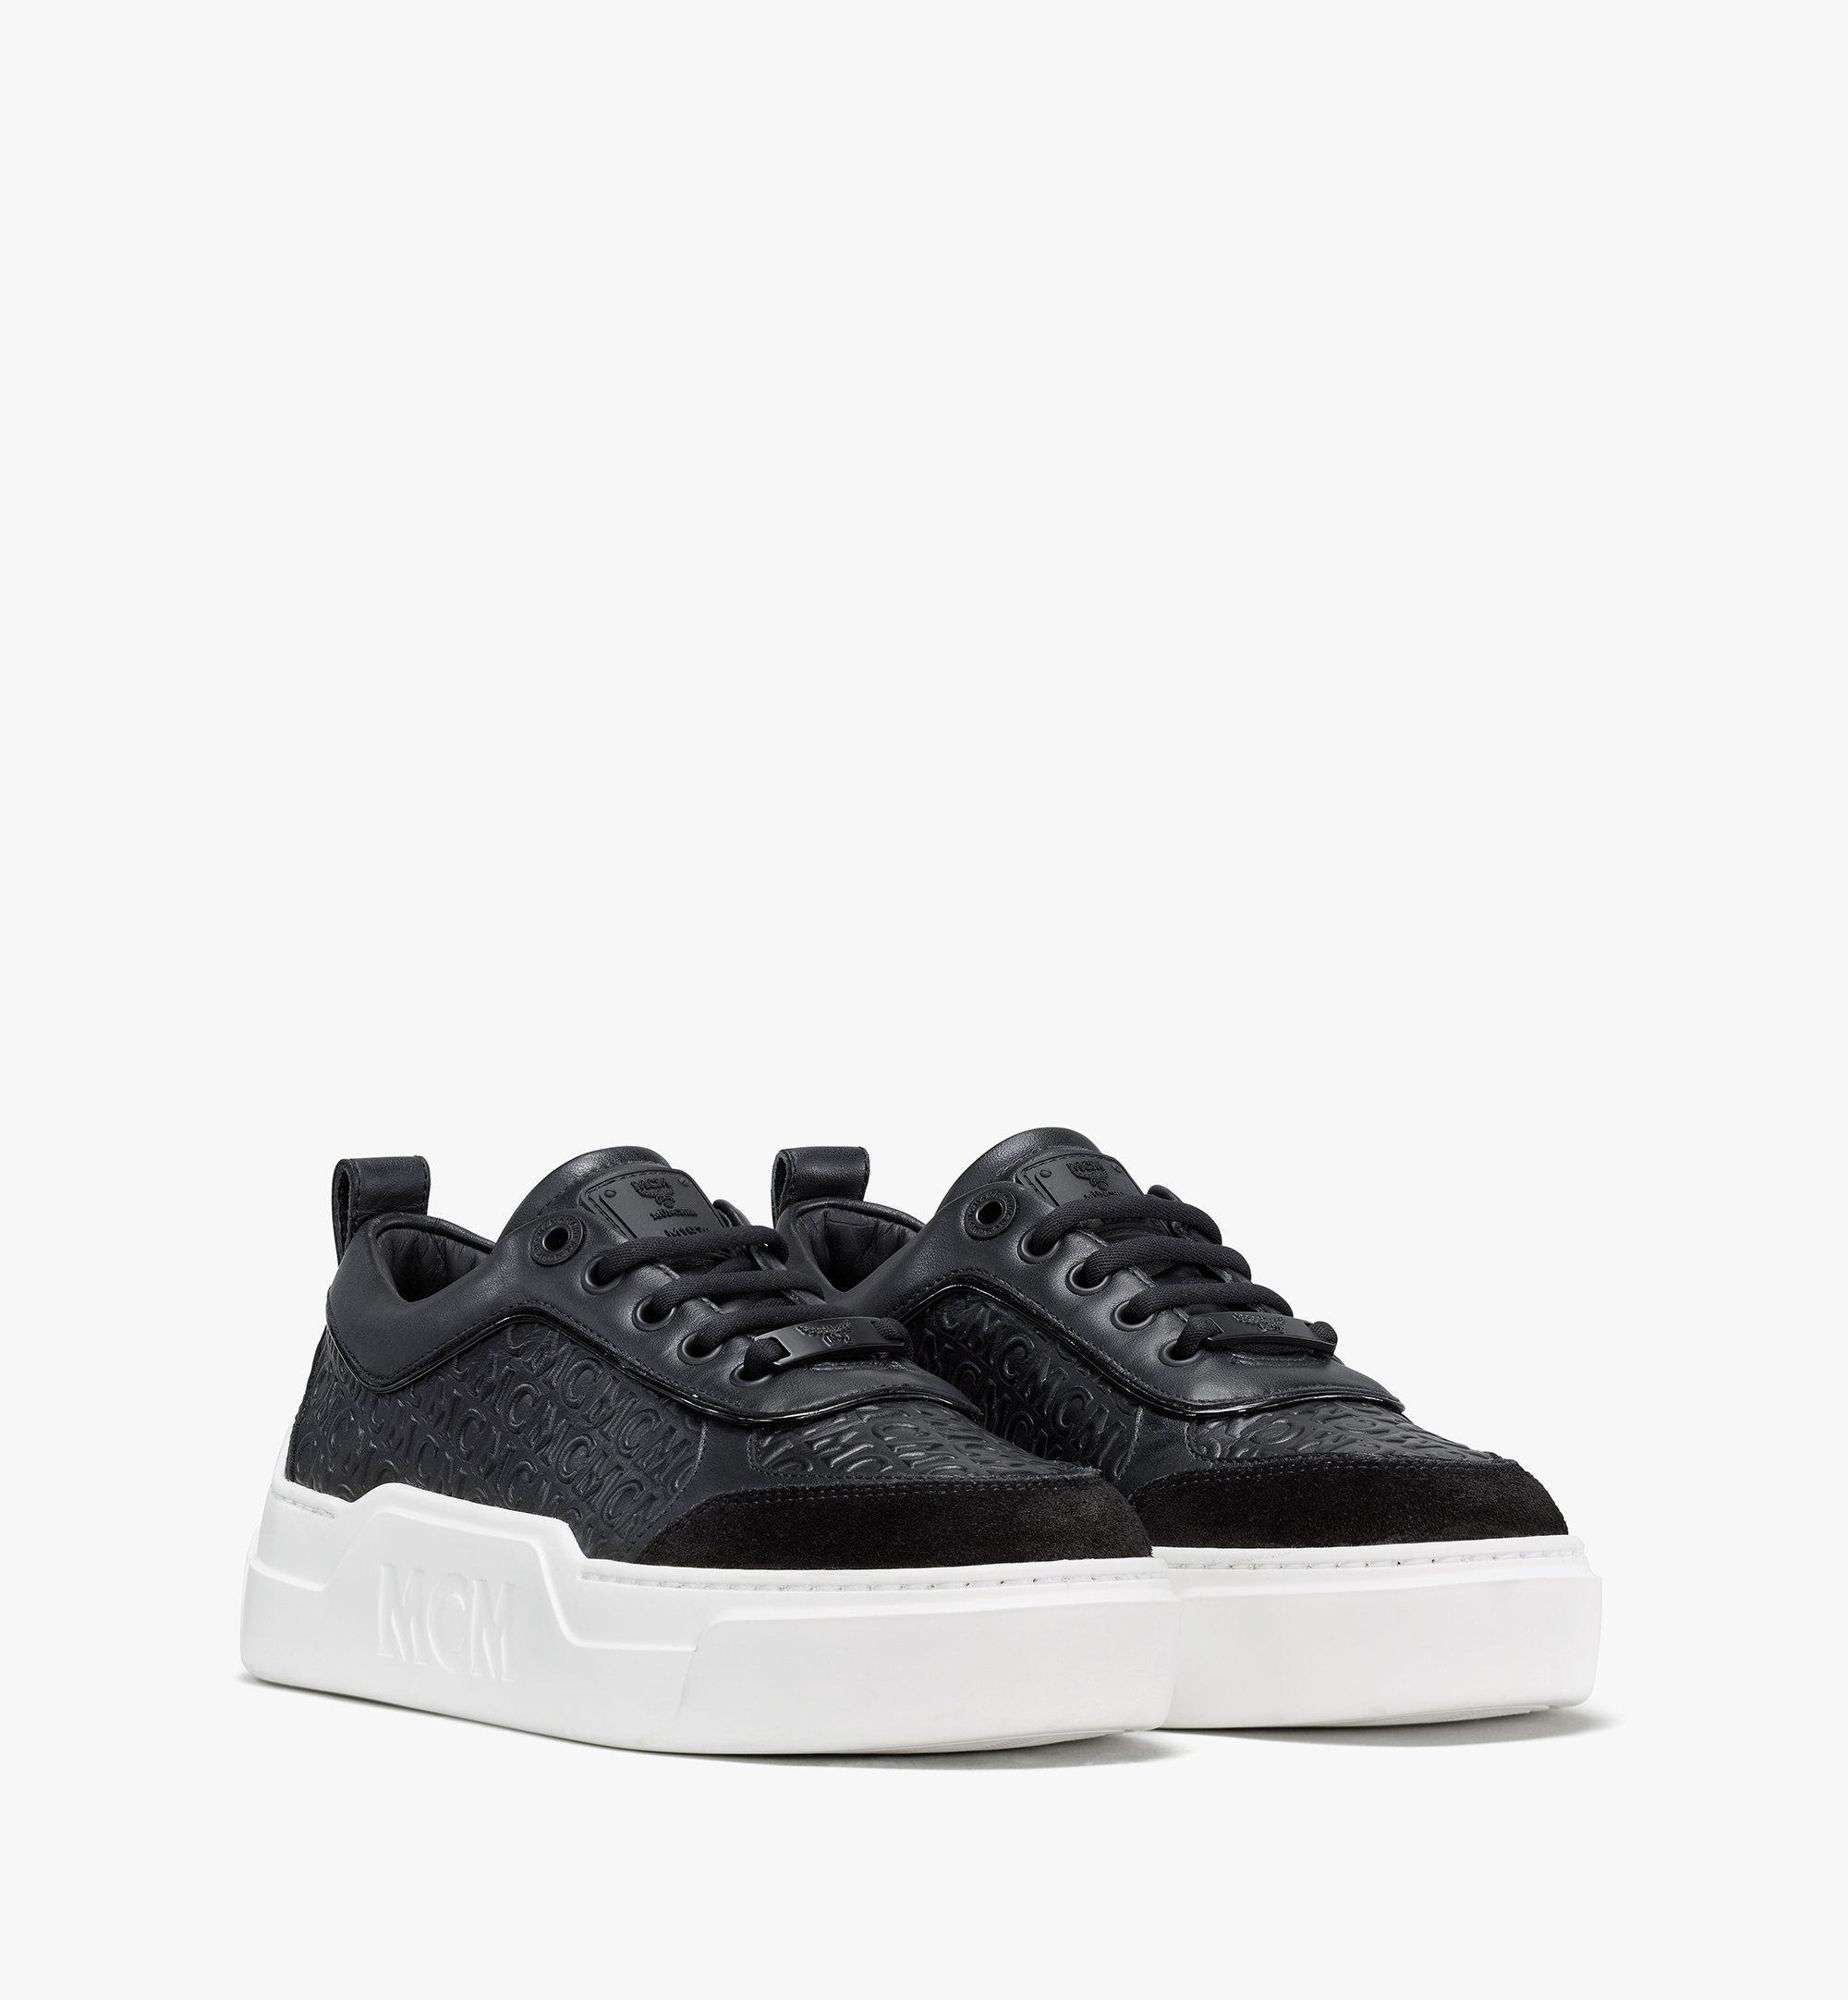 MCM Women's Skyward Platform Sneakers in Monogram Leather Black MESAAMM21BK036 Alternate View 1